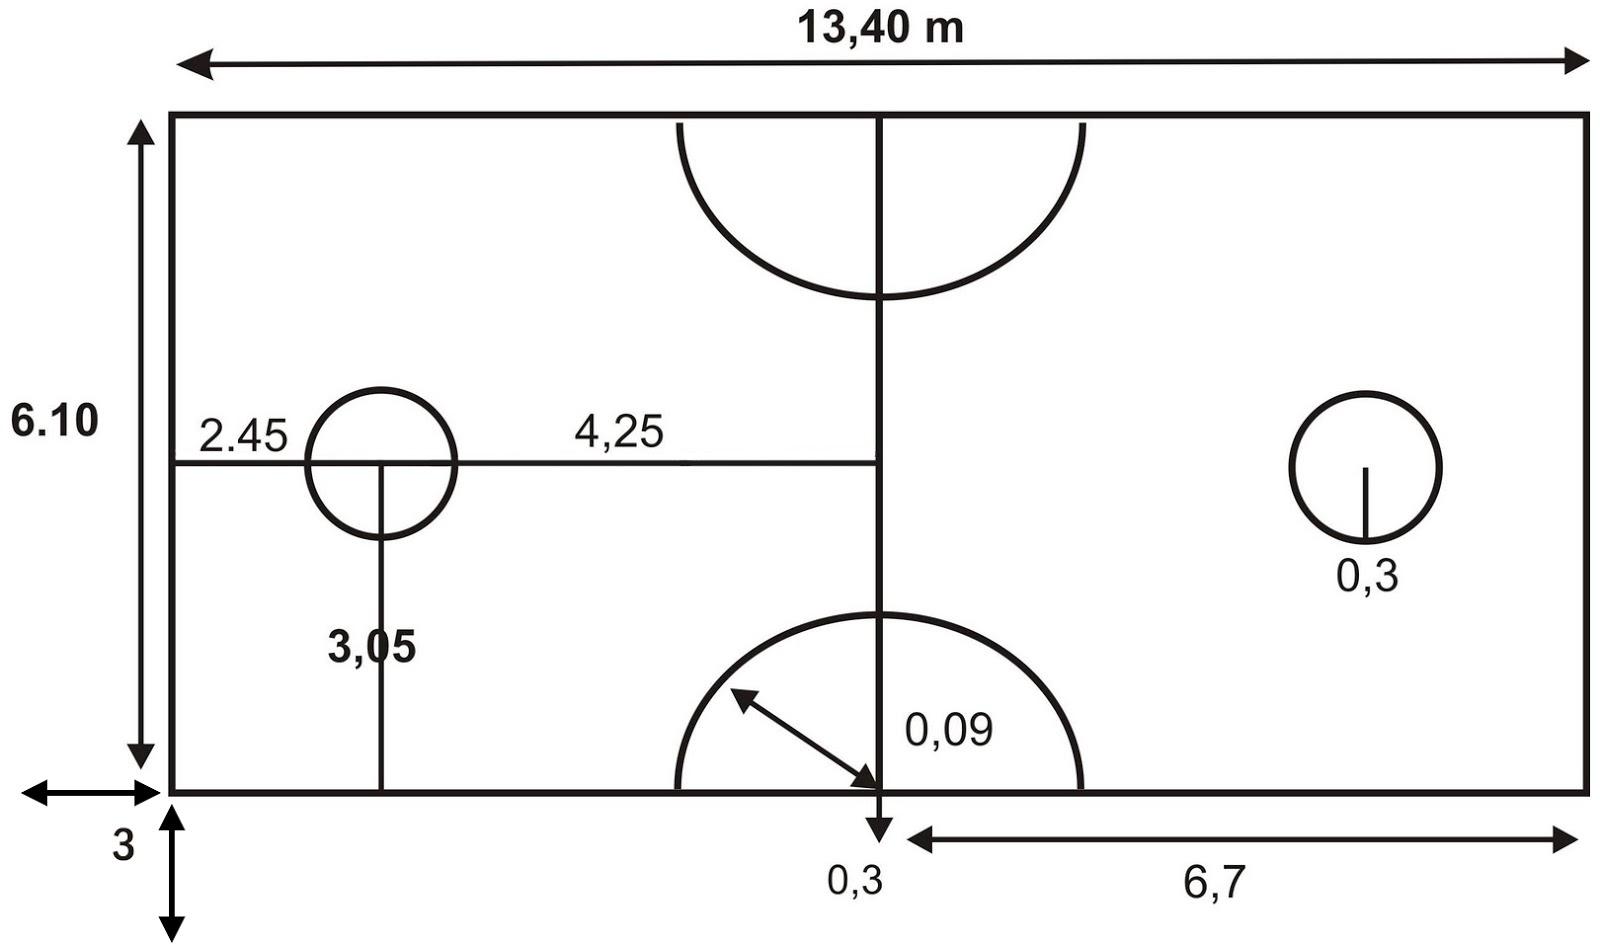 Ukuran Lapangan Sepak Takraw Lengkap Gambar Dan Keterangannya Markijar Com